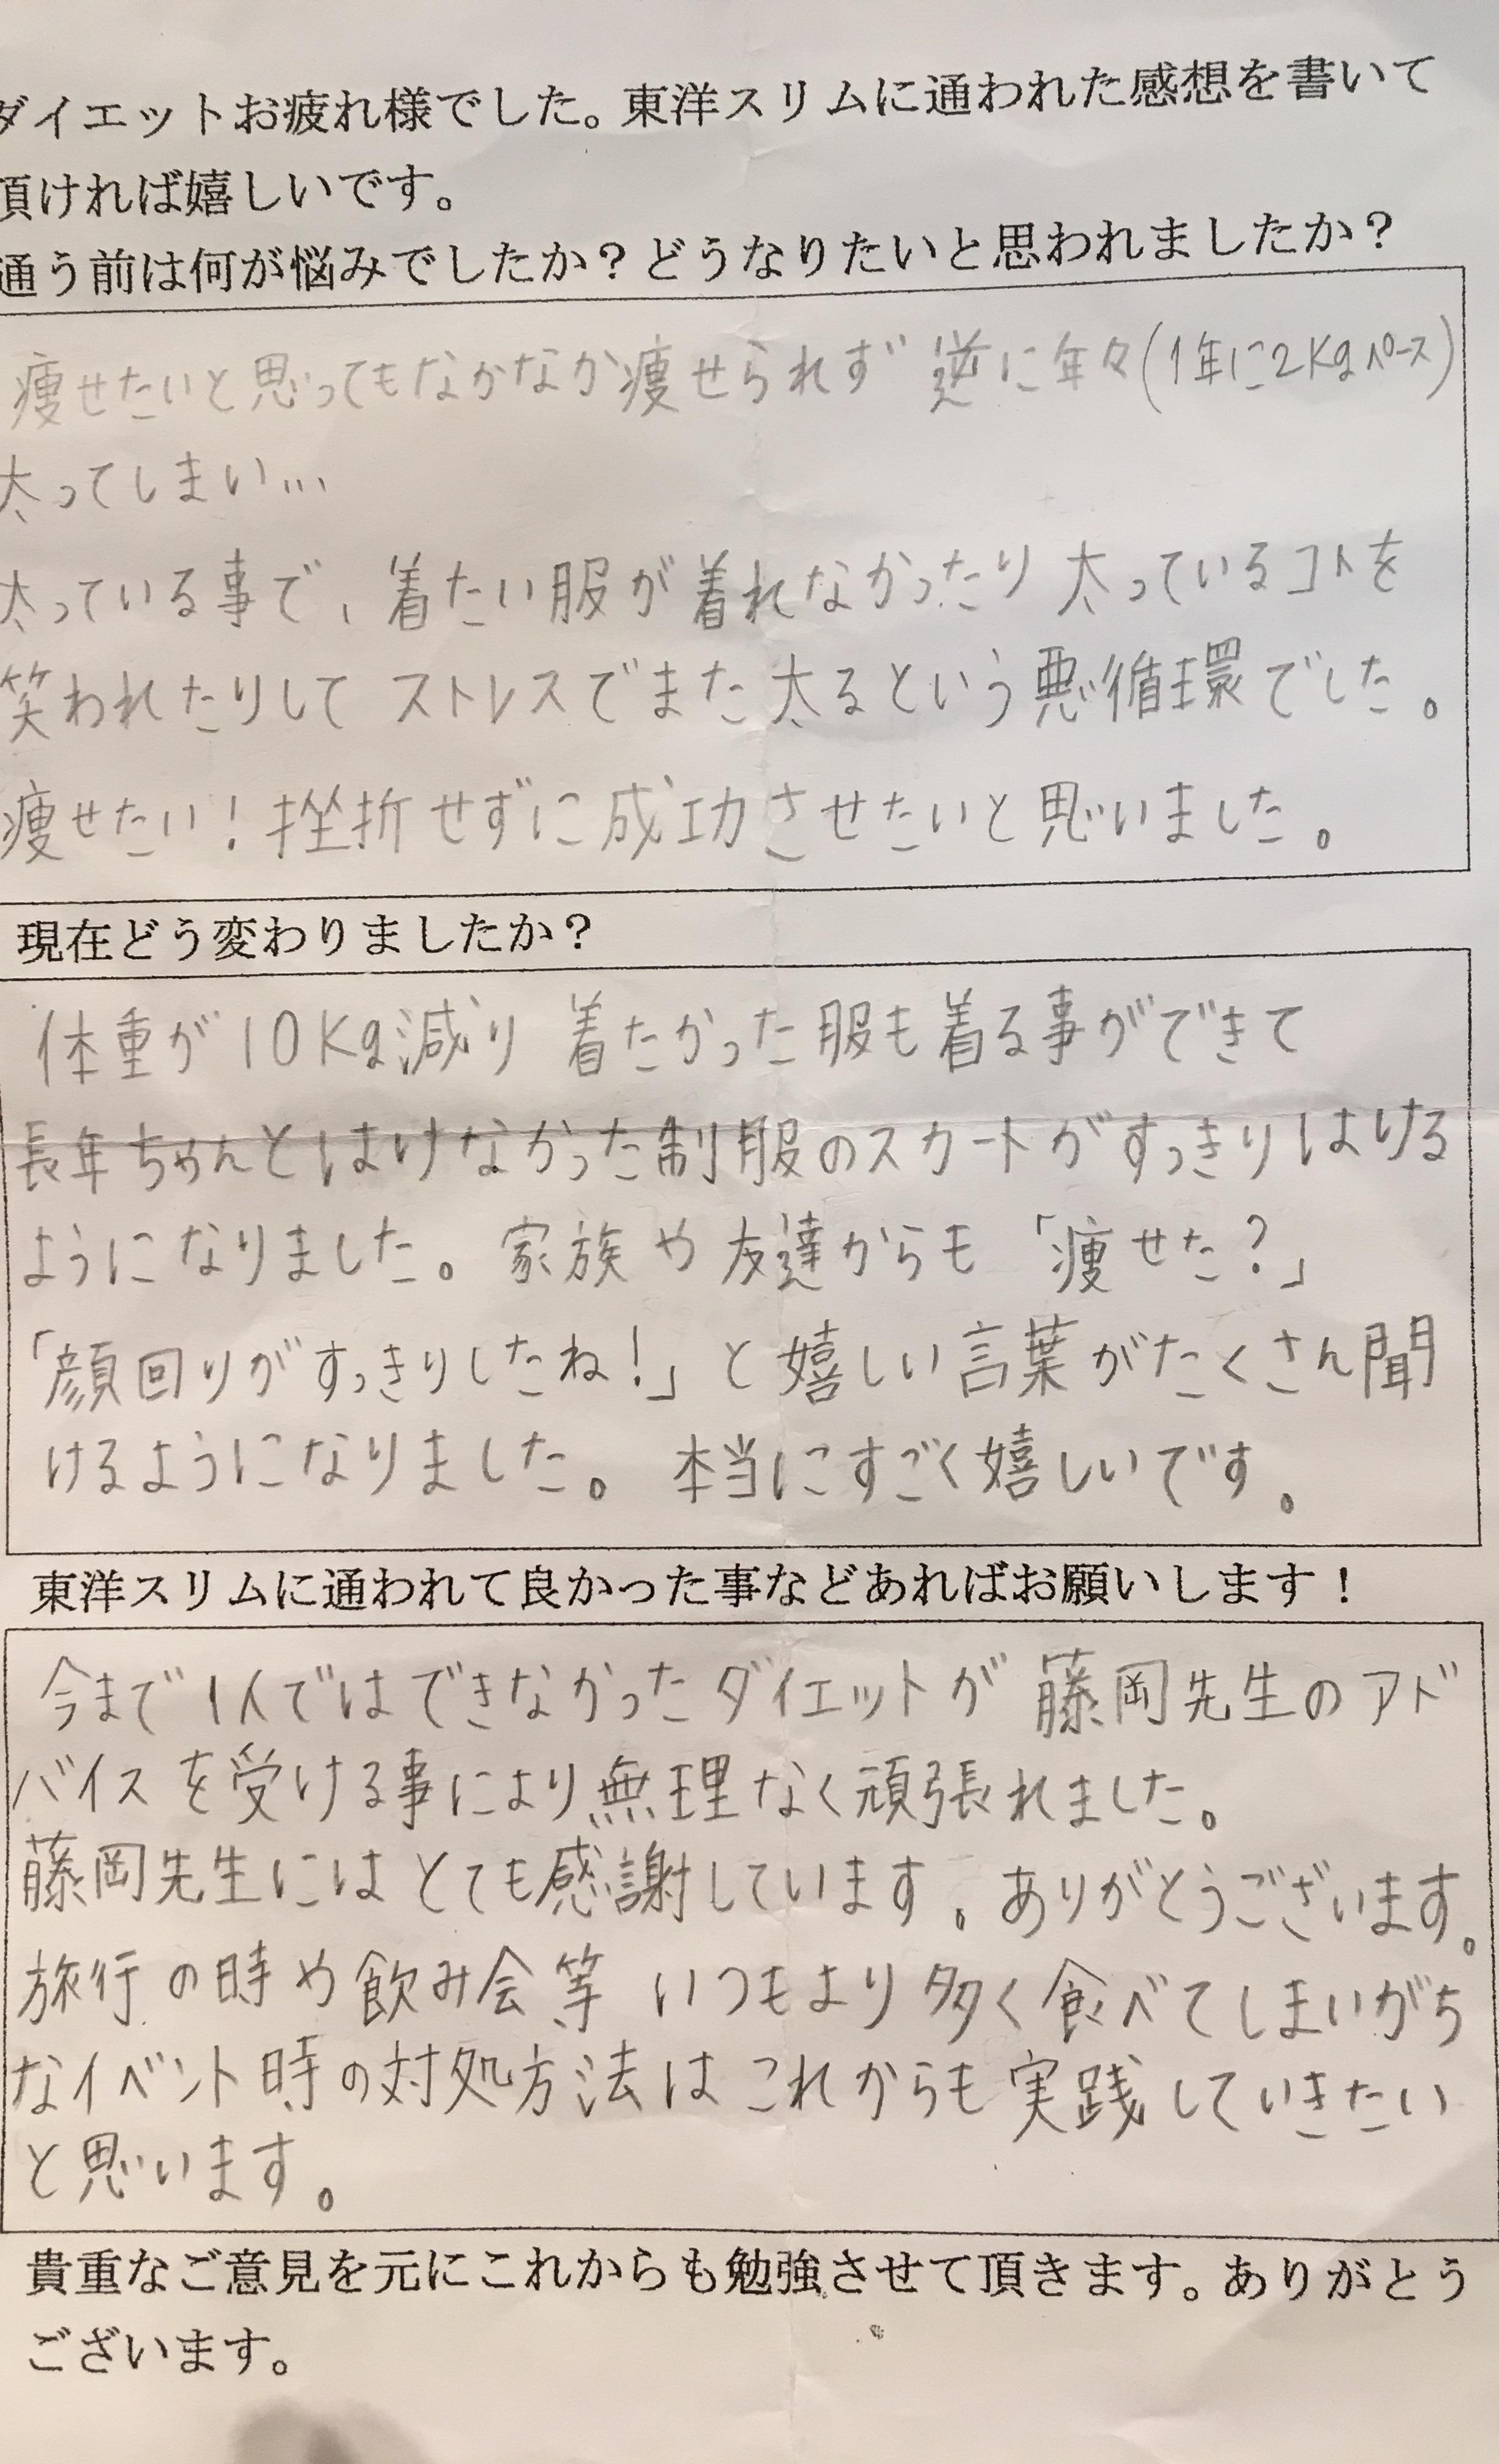 [皆様の声]大阪府八尾市Mさん37才耳ツボダイエットで11kg痩せる事に成功 制服のスカートがすっきり履ける!